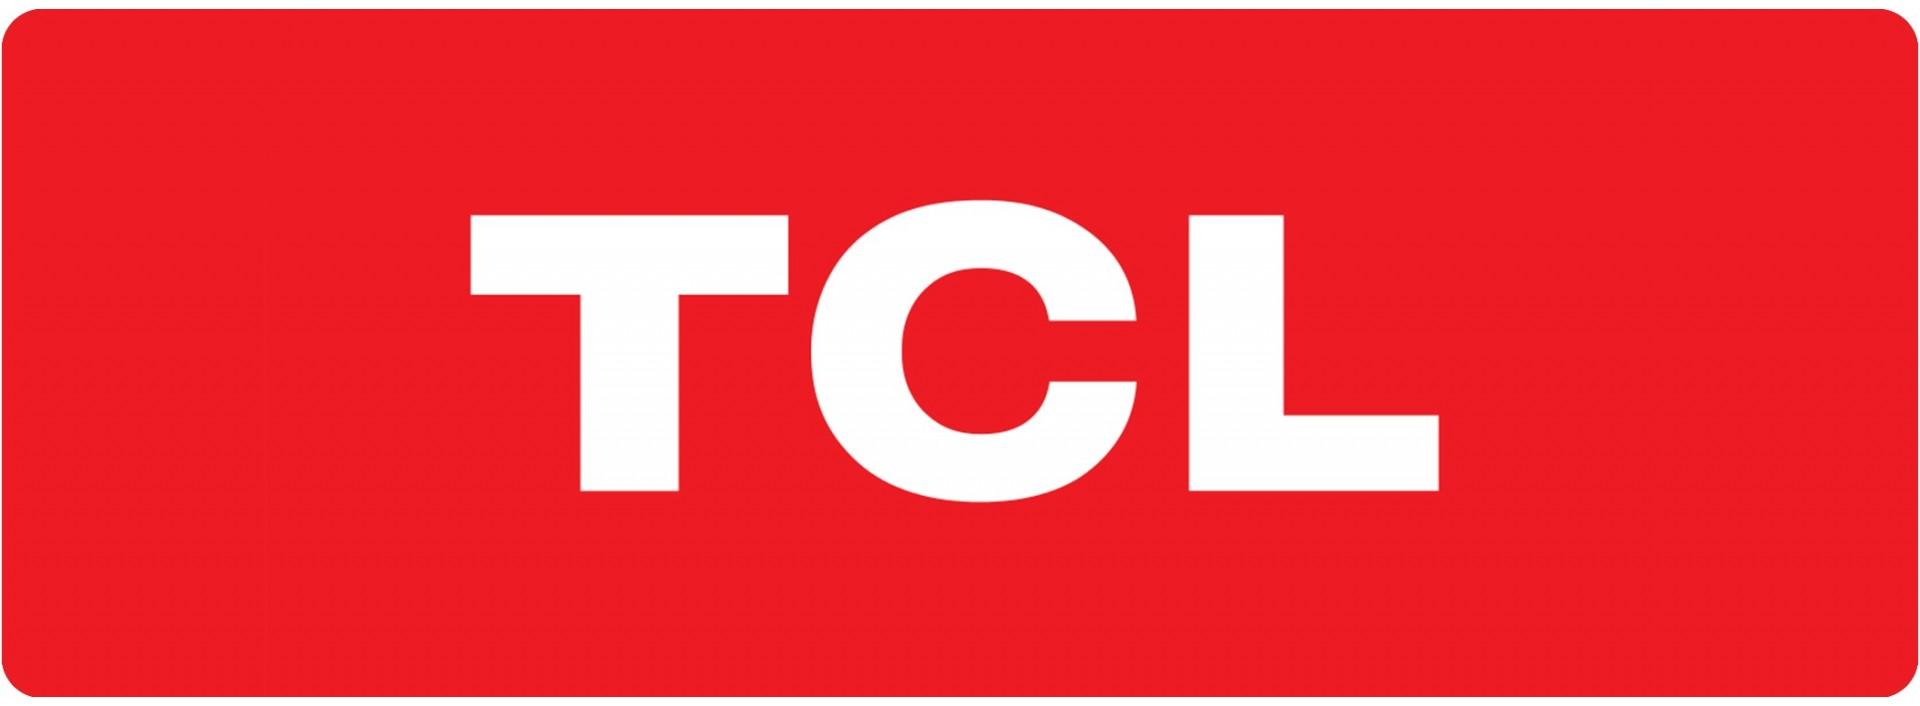 TCL Fundas PERSONALIZADAS, el mejor precio y calidad